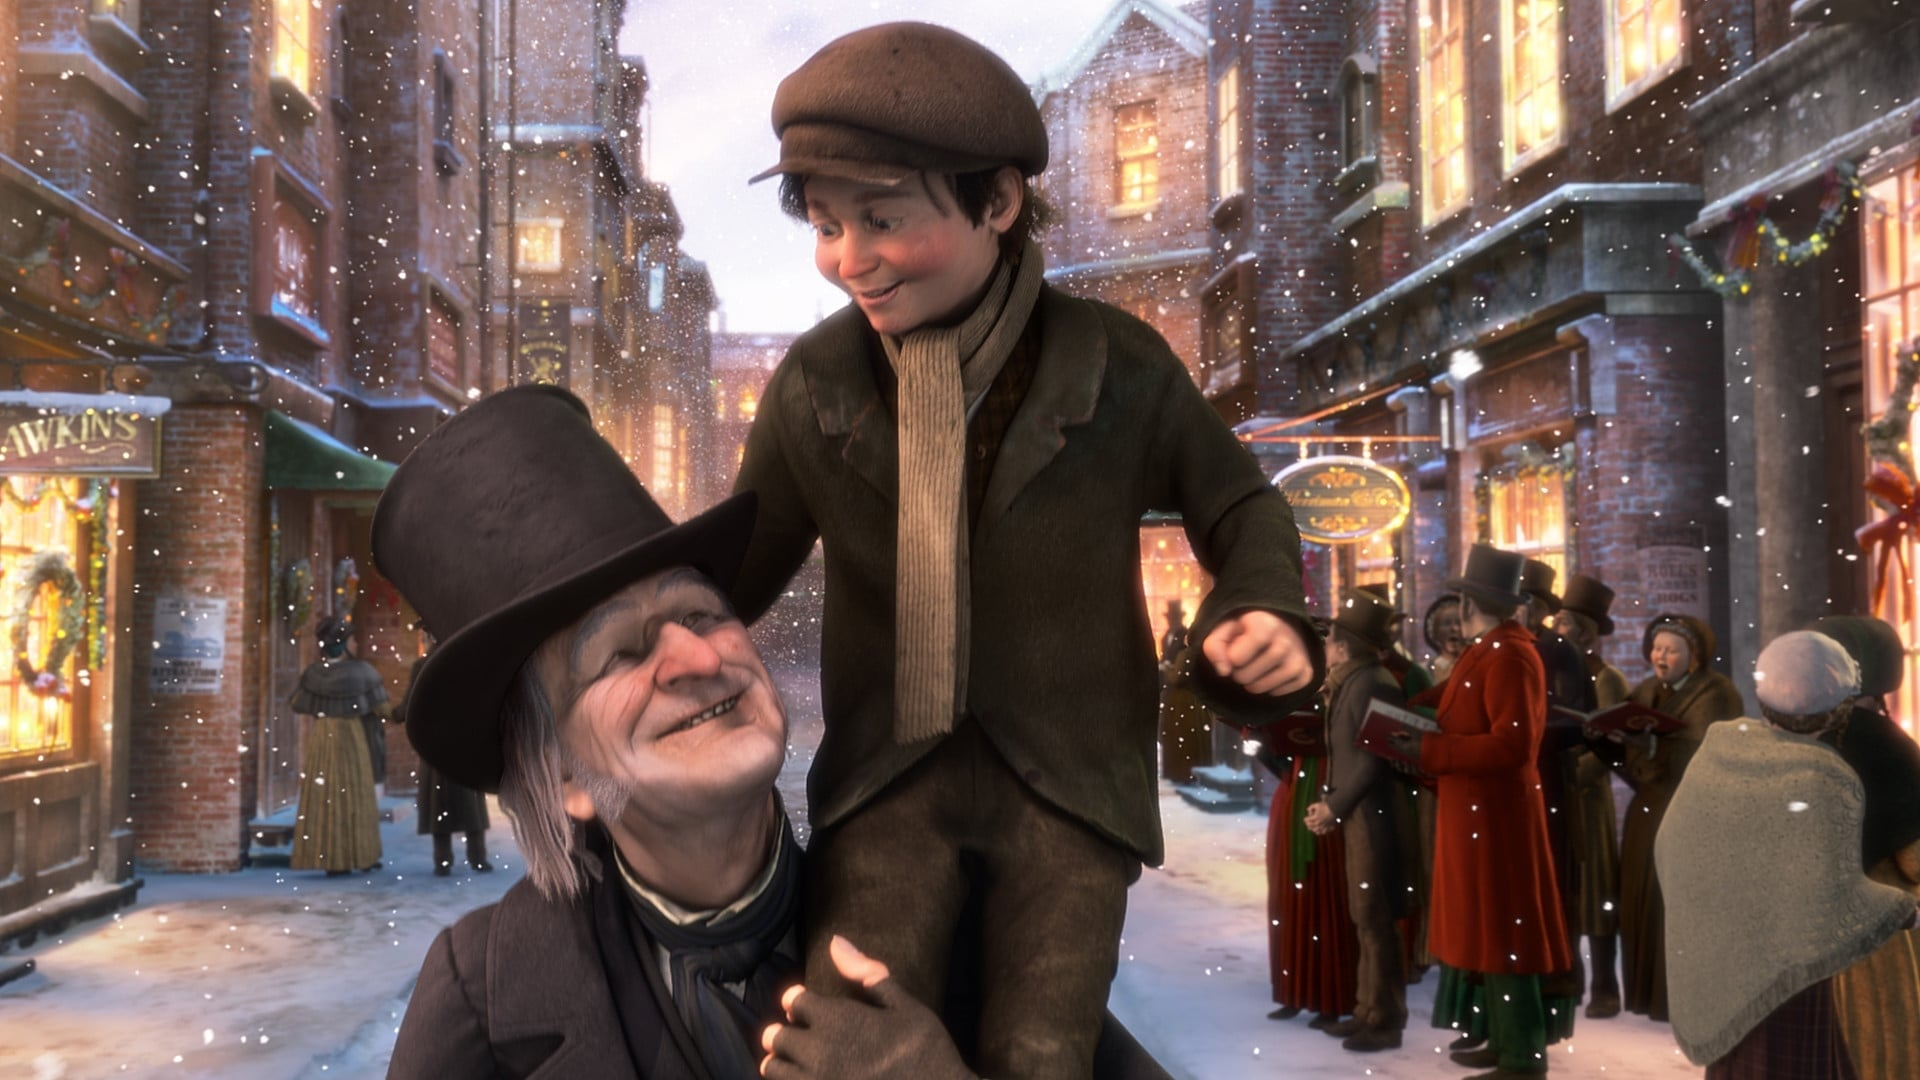 Regarder Le drôle de Noël de Scrooge en streaming gratuit